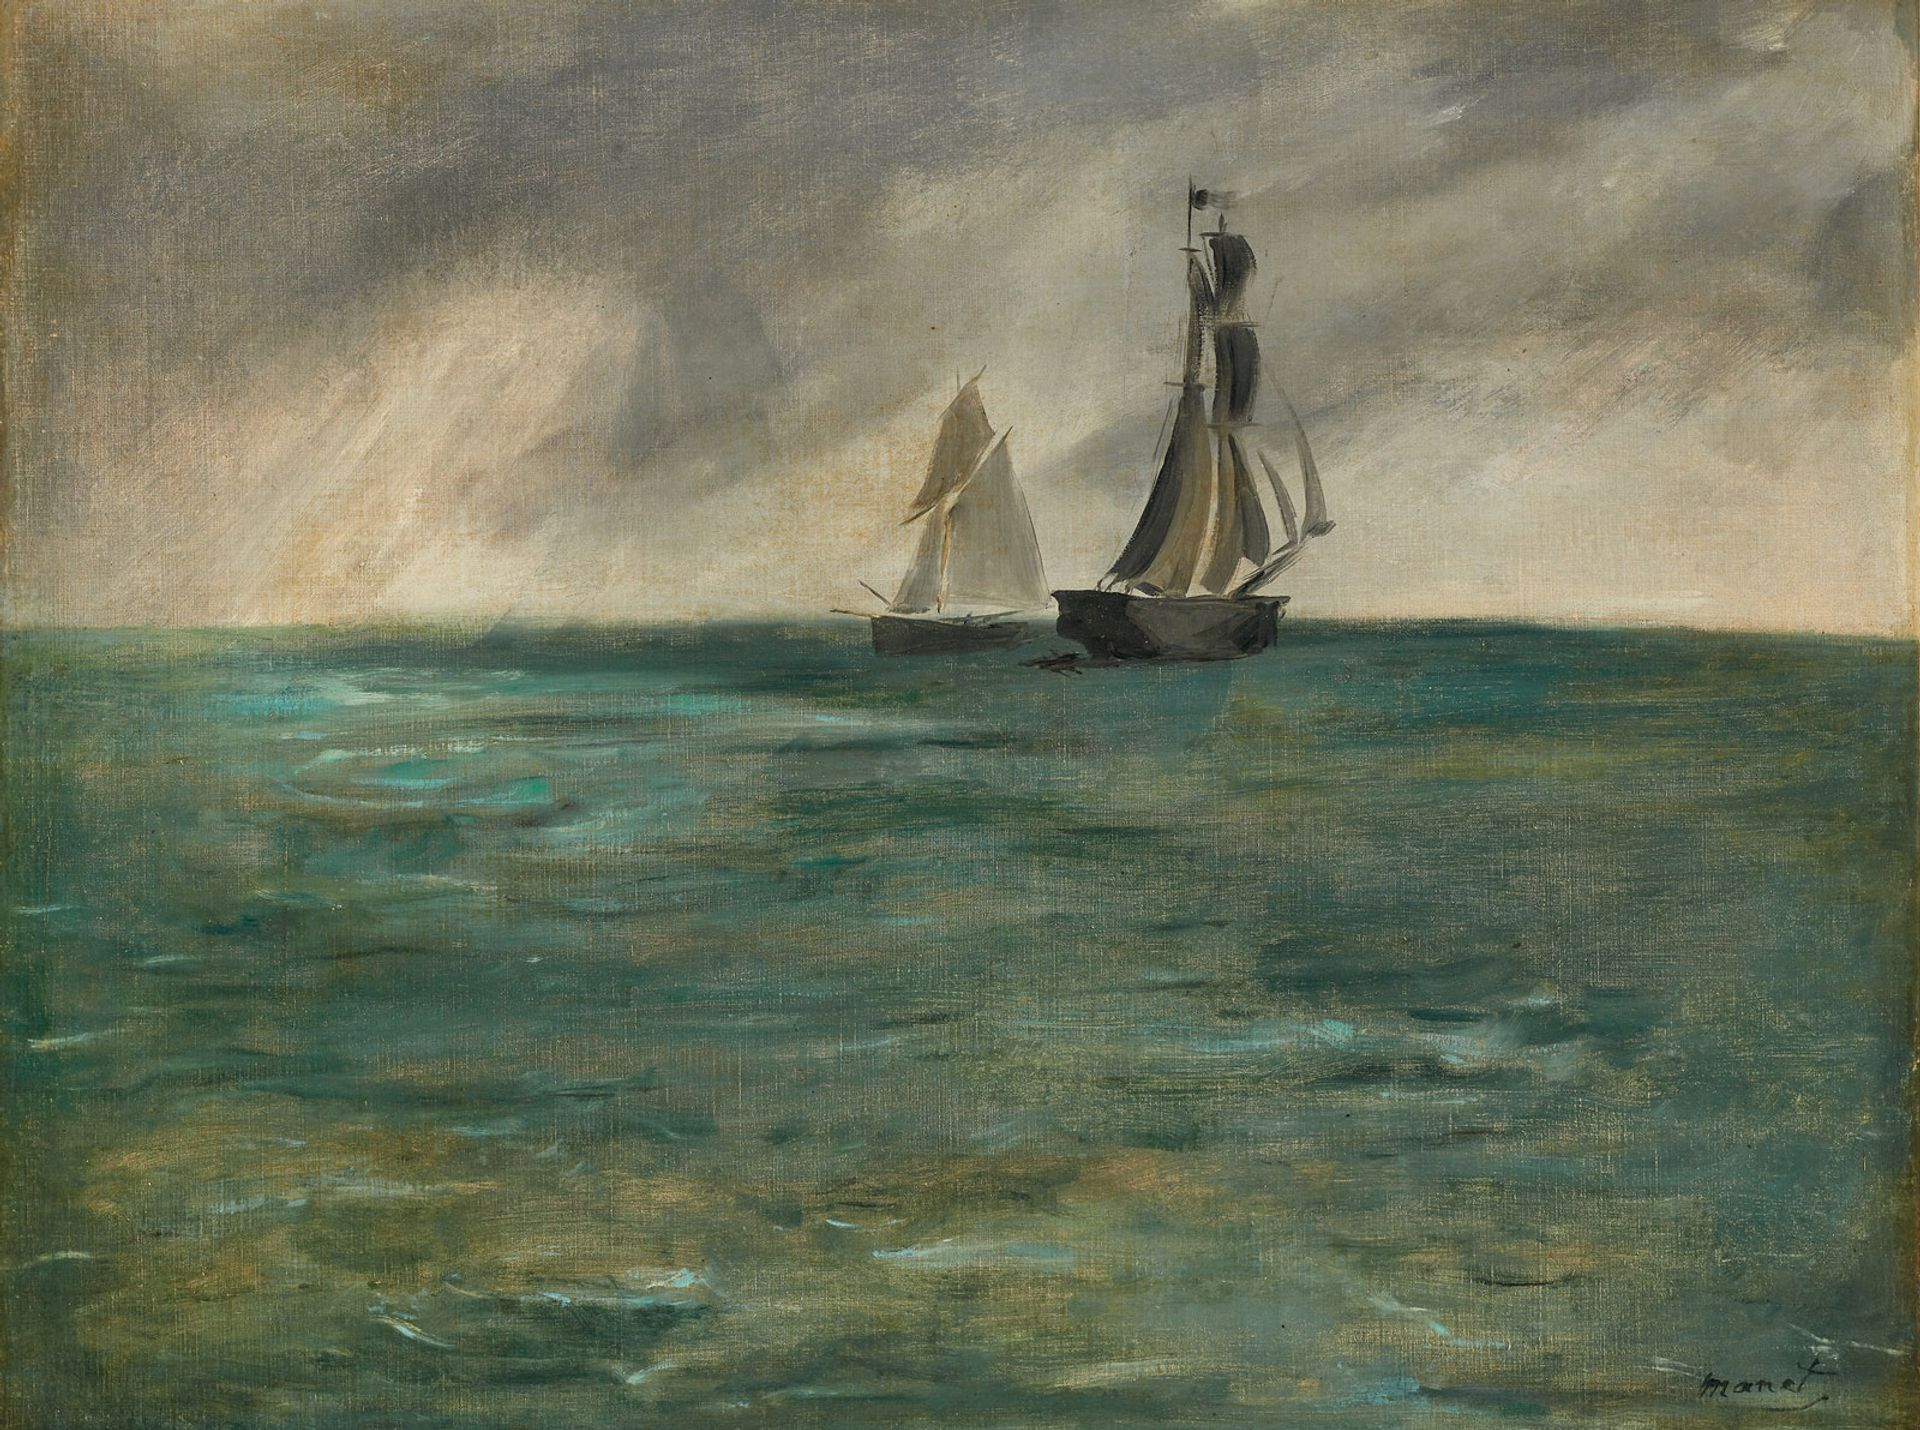 Edouard Manet, Stürmische See (Ships at Sea in Stormy Weather, 1873) © Mick Vincenz © Kunstmuseum Bern und Kunst- und Ausstellungshalle der Bundesrepublik Deutschland GmbH